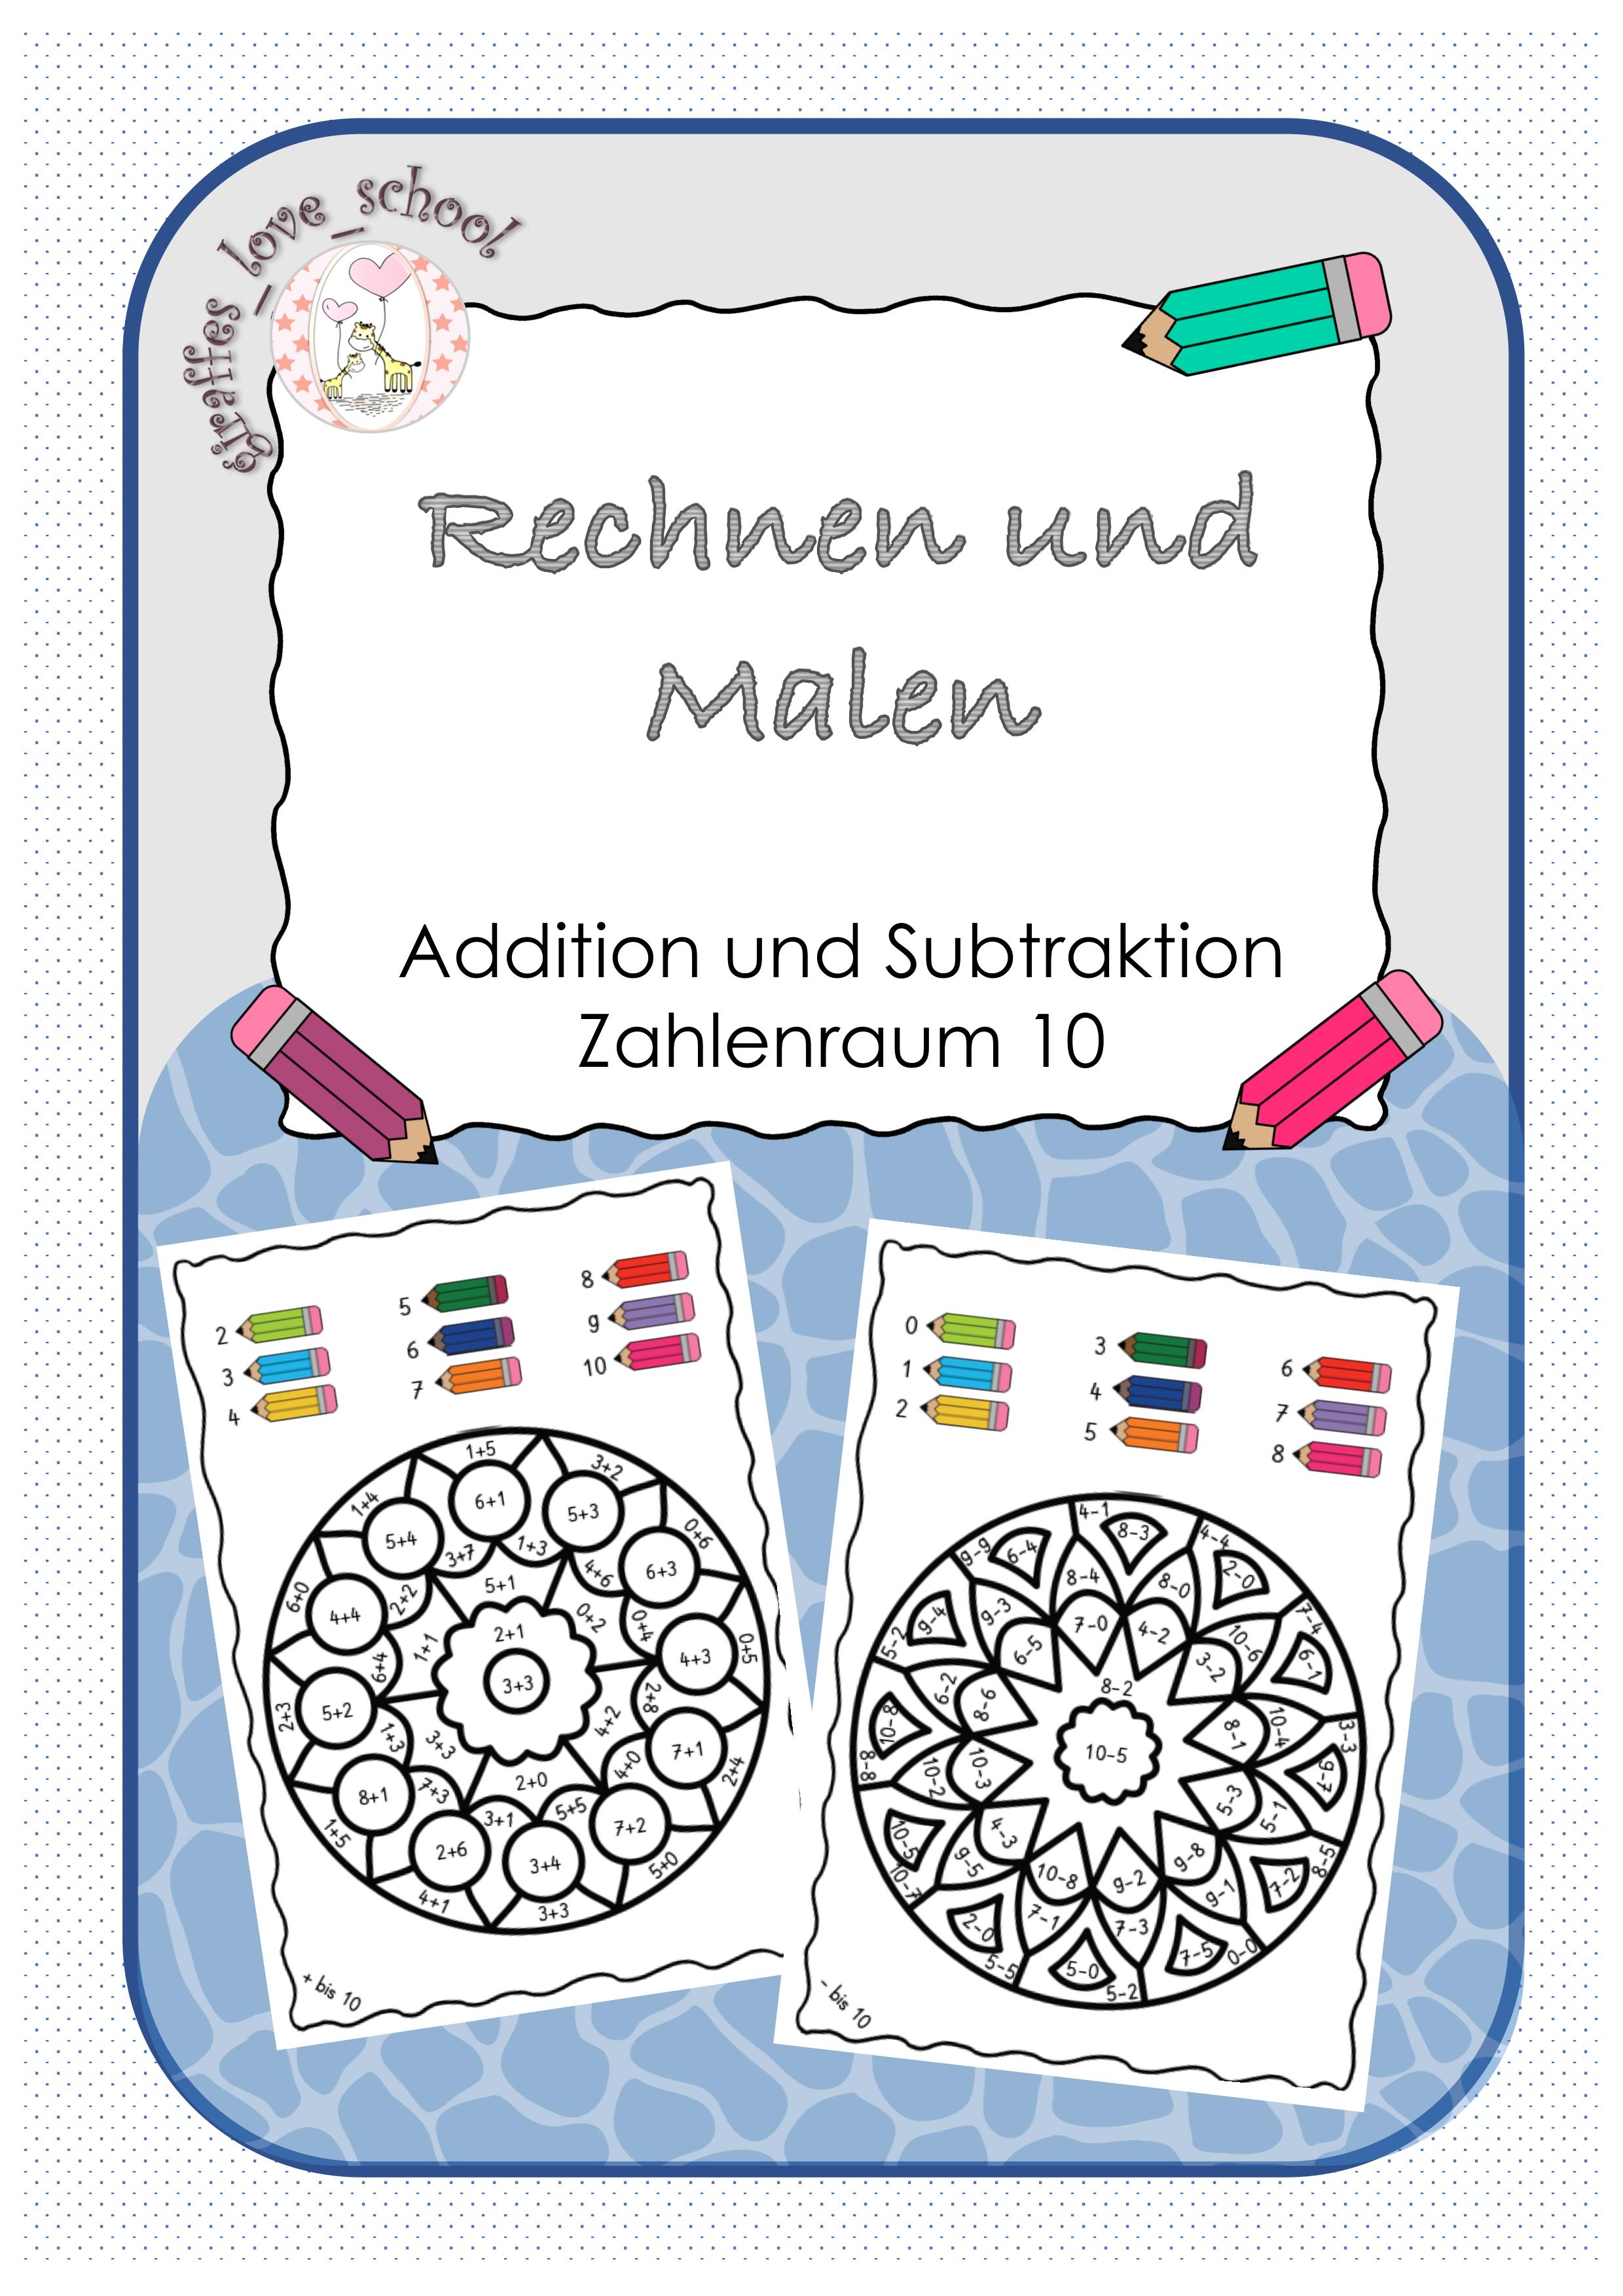 Rechnen und Malen   Mandalas   Zahlenraum 20 schulschließung ...